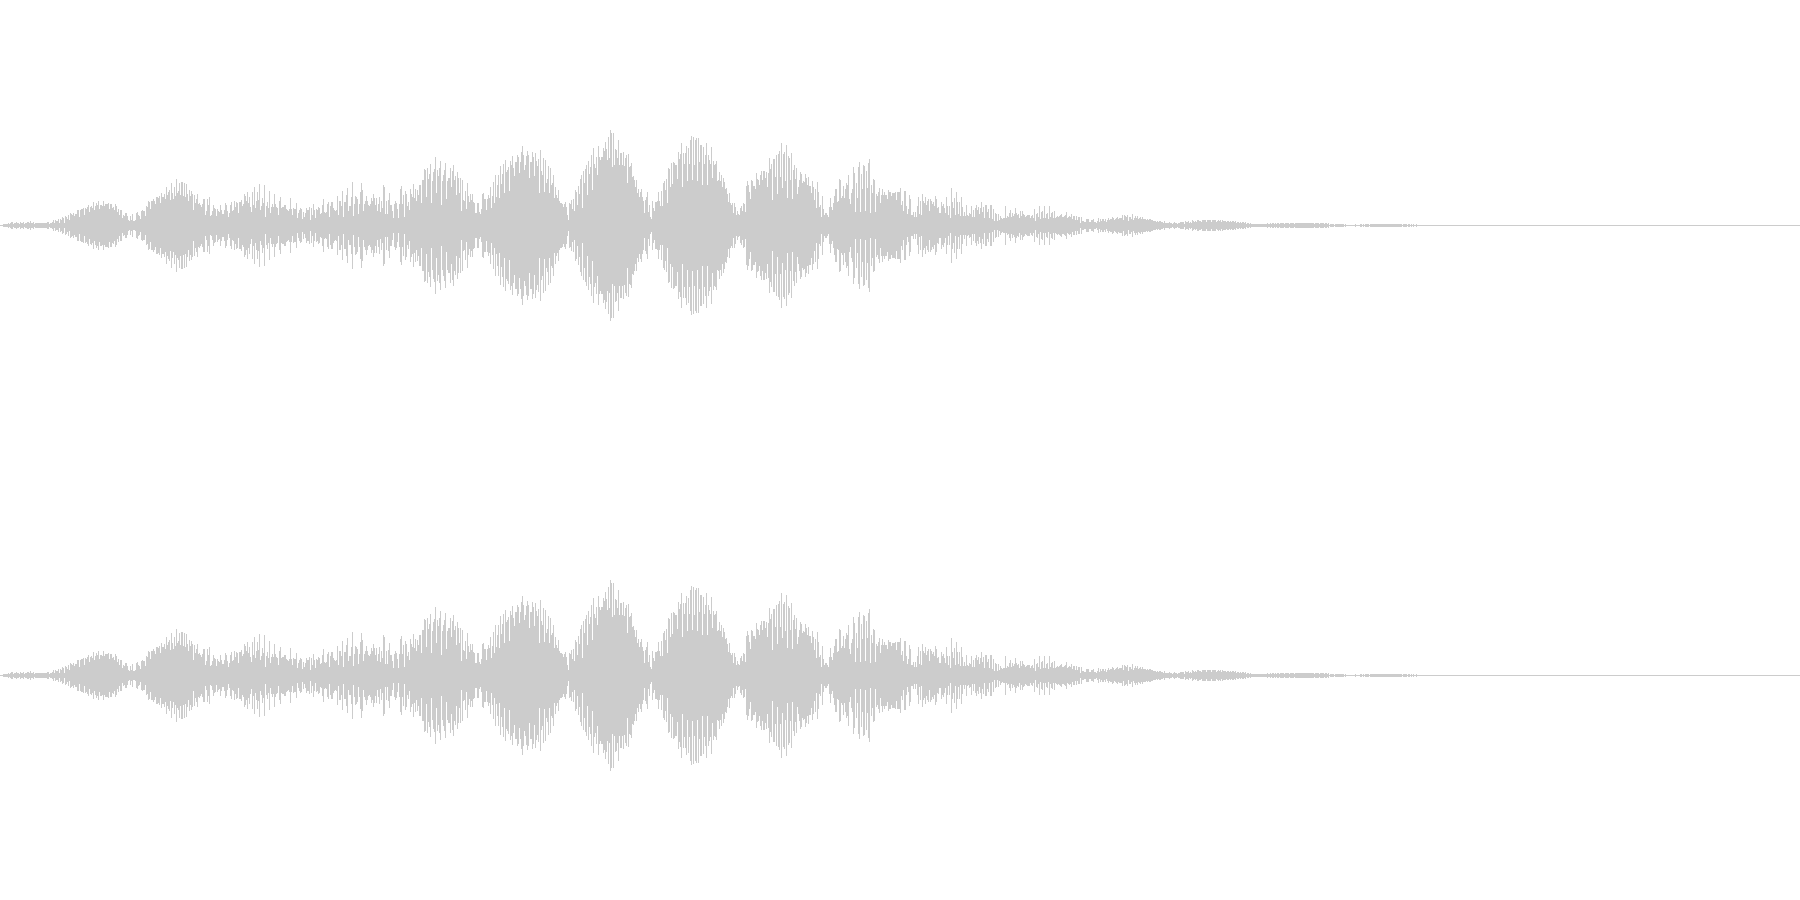 恐怖音01(低音)の未再生の波形